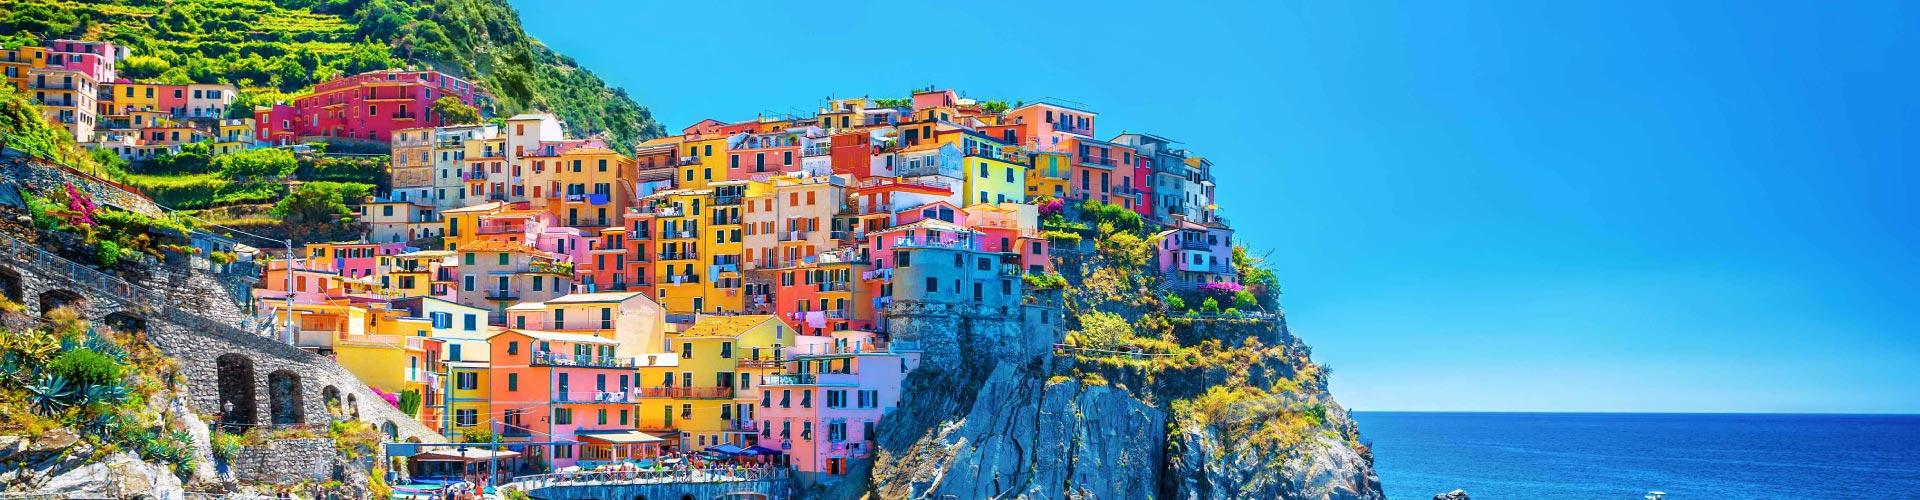 Mono Italy